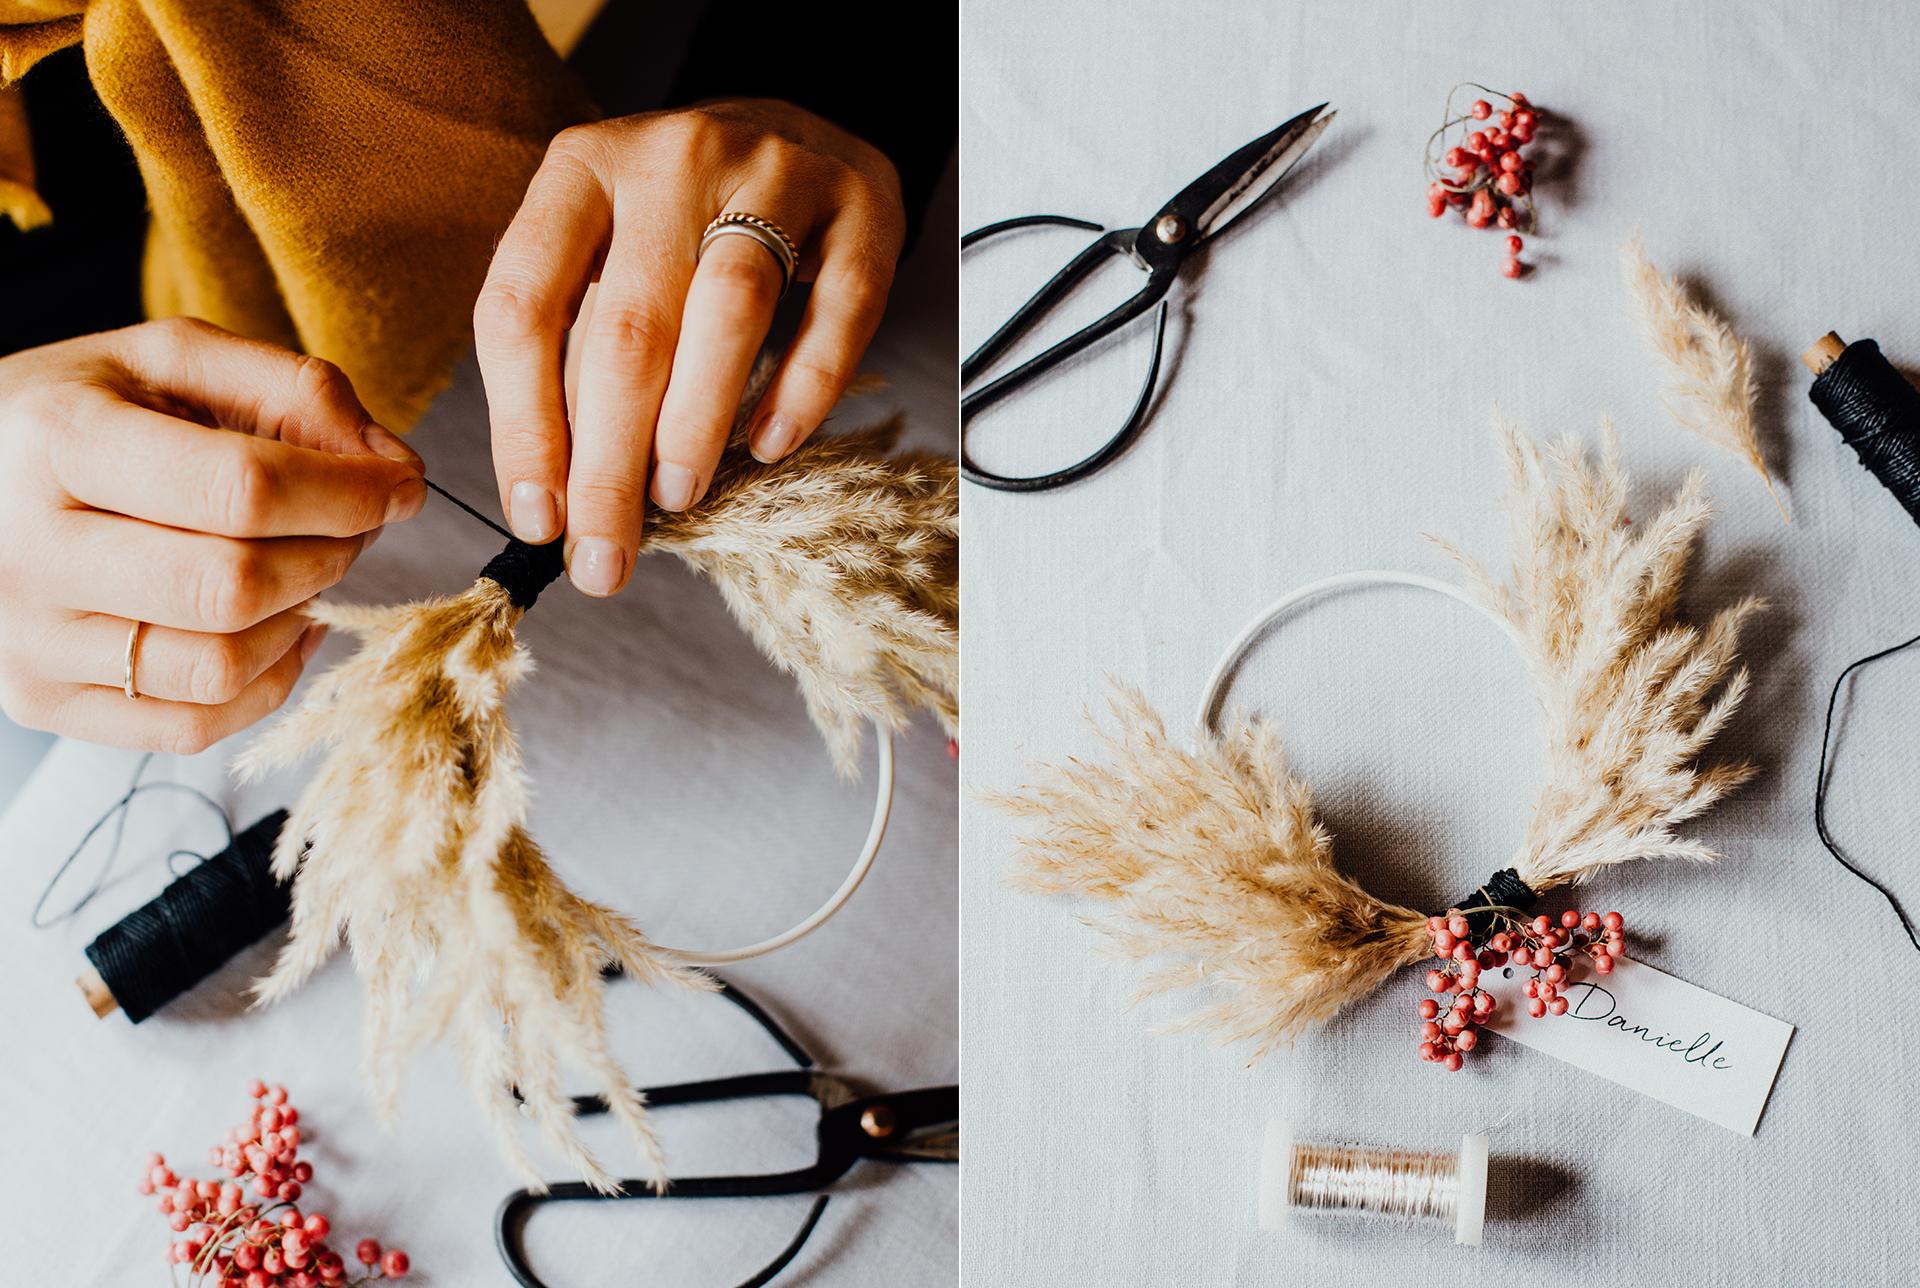 Schritt fuer Schritt Anleitung für weihnachtliche Dekoration von Stylistin Mariska Ruemmelein MooiDekoration und Nicola Honer von Farbgold. Foodfotografie Katrin Winner Muenchen